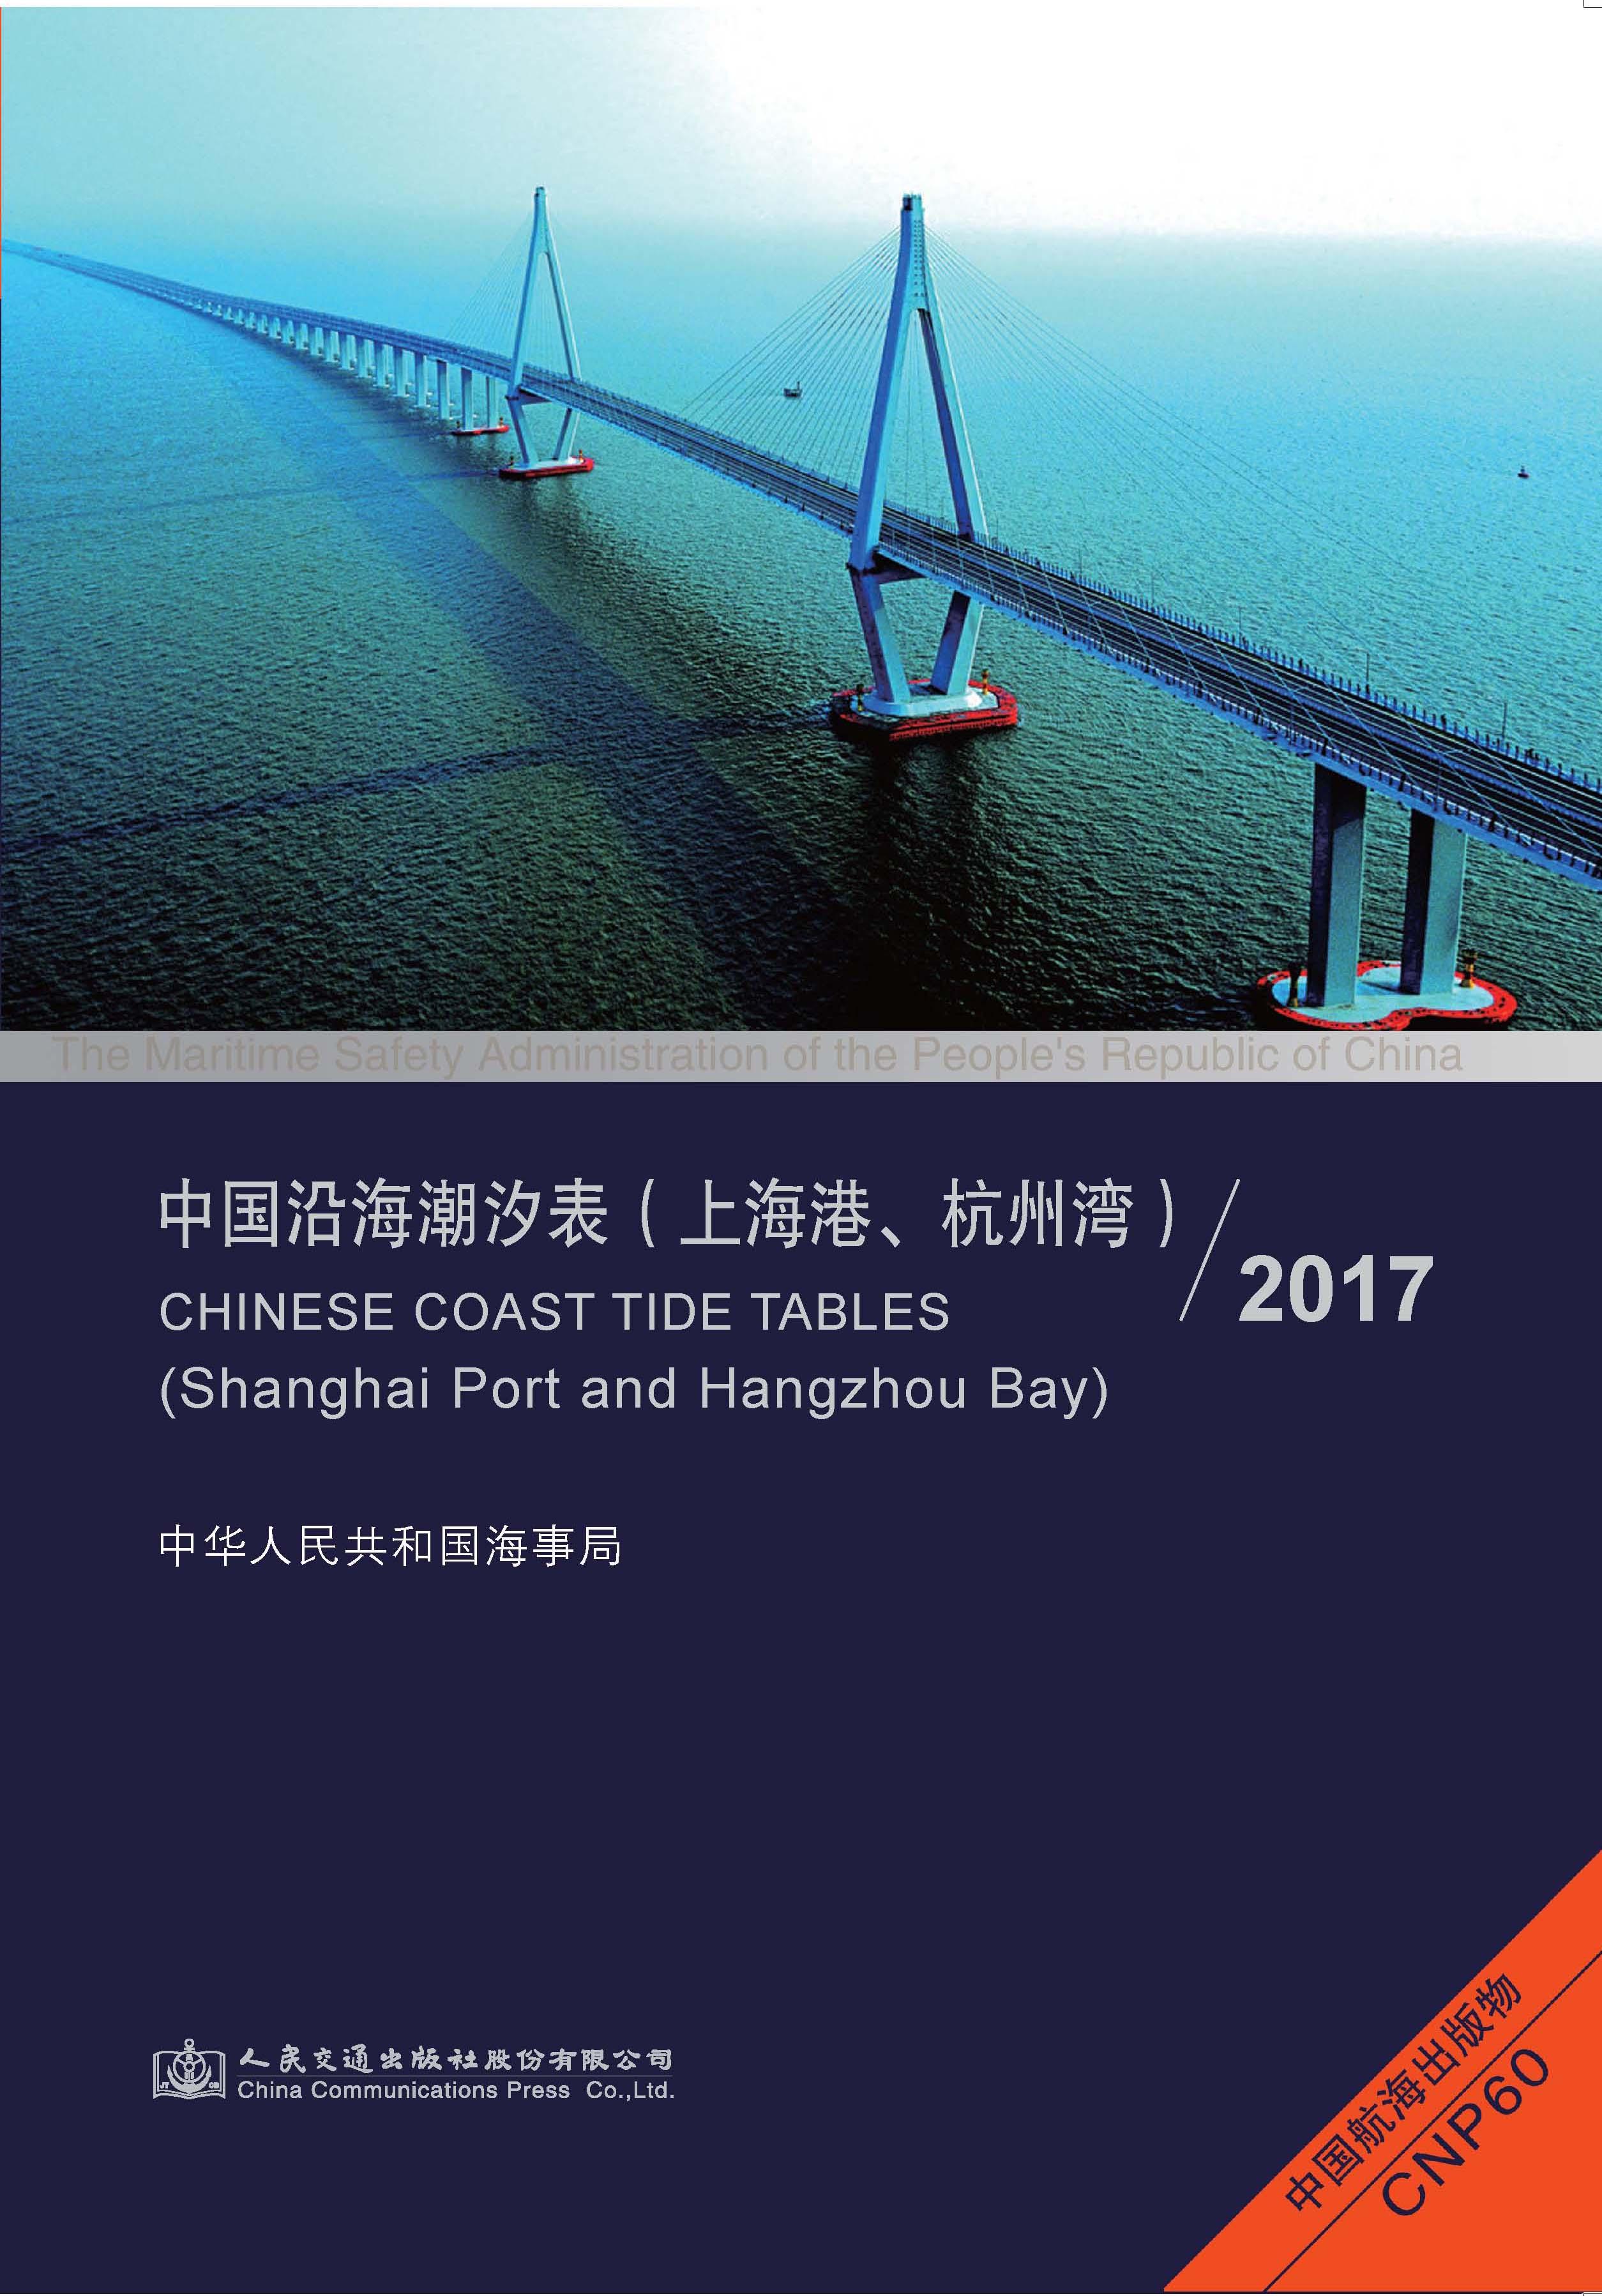 2017中国沿海潮汐表(上海港、杭州湾)